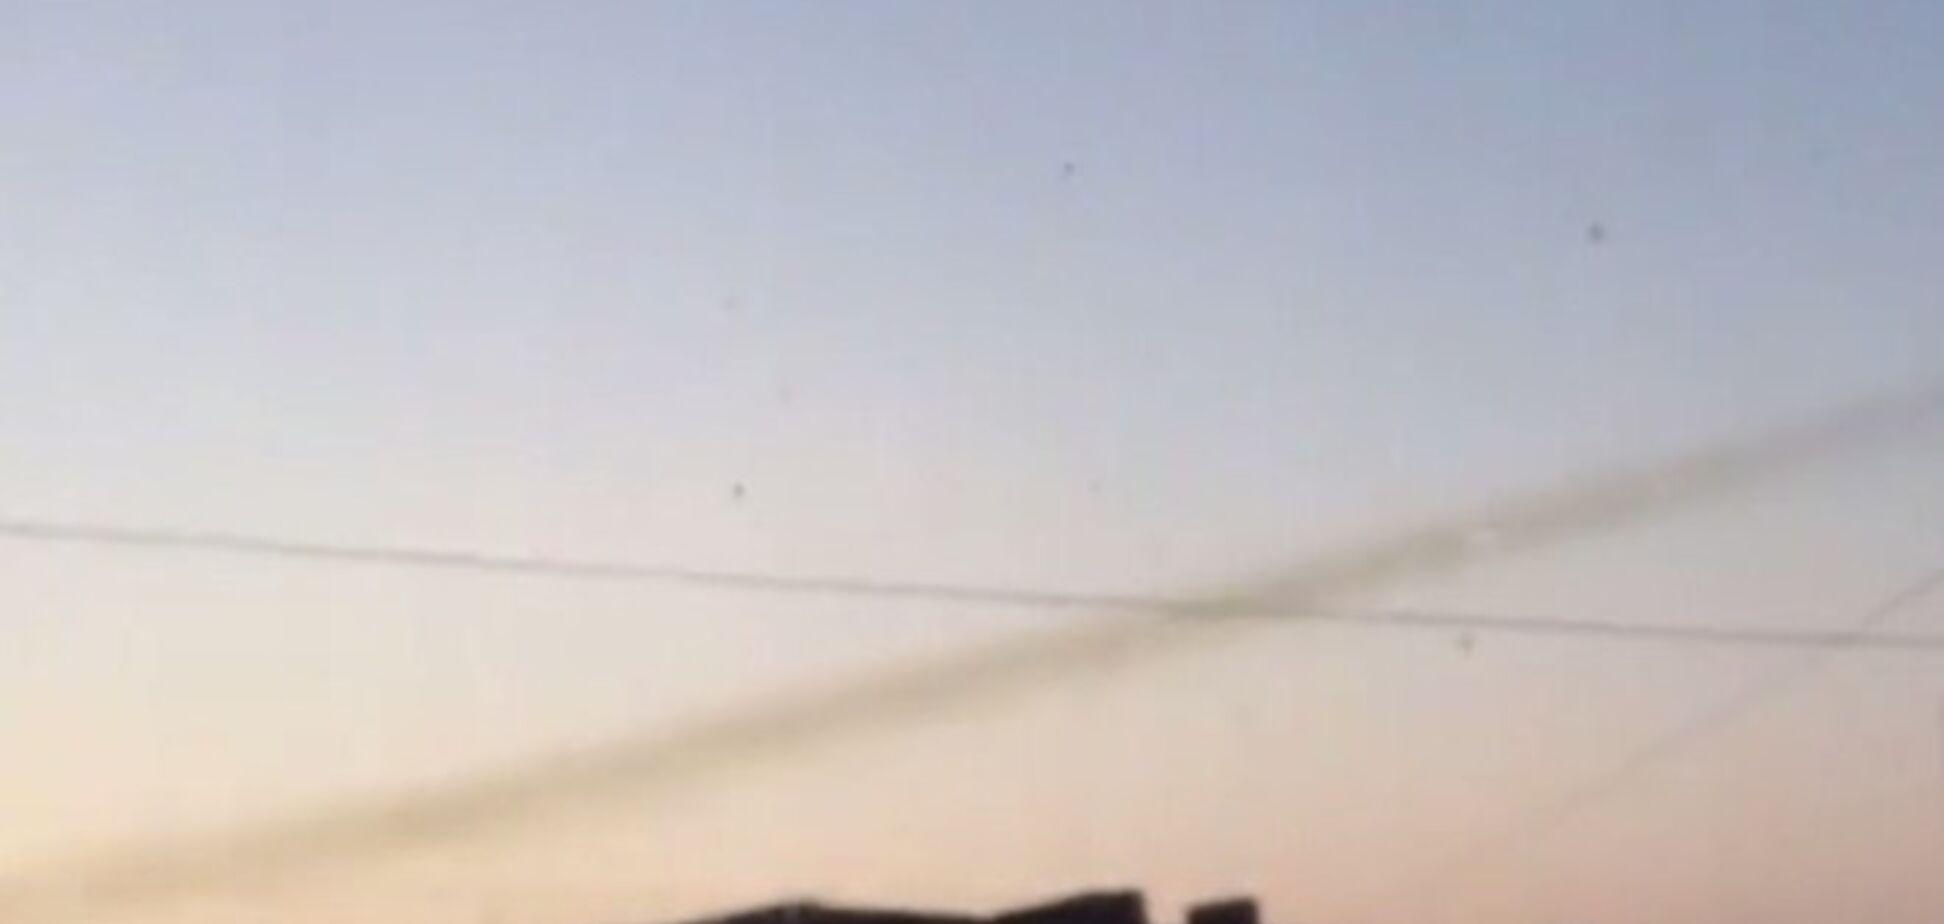 'ДНР' обстреляла из 'Града' позиции сил АТО в Дебальцево: опубликовано видео